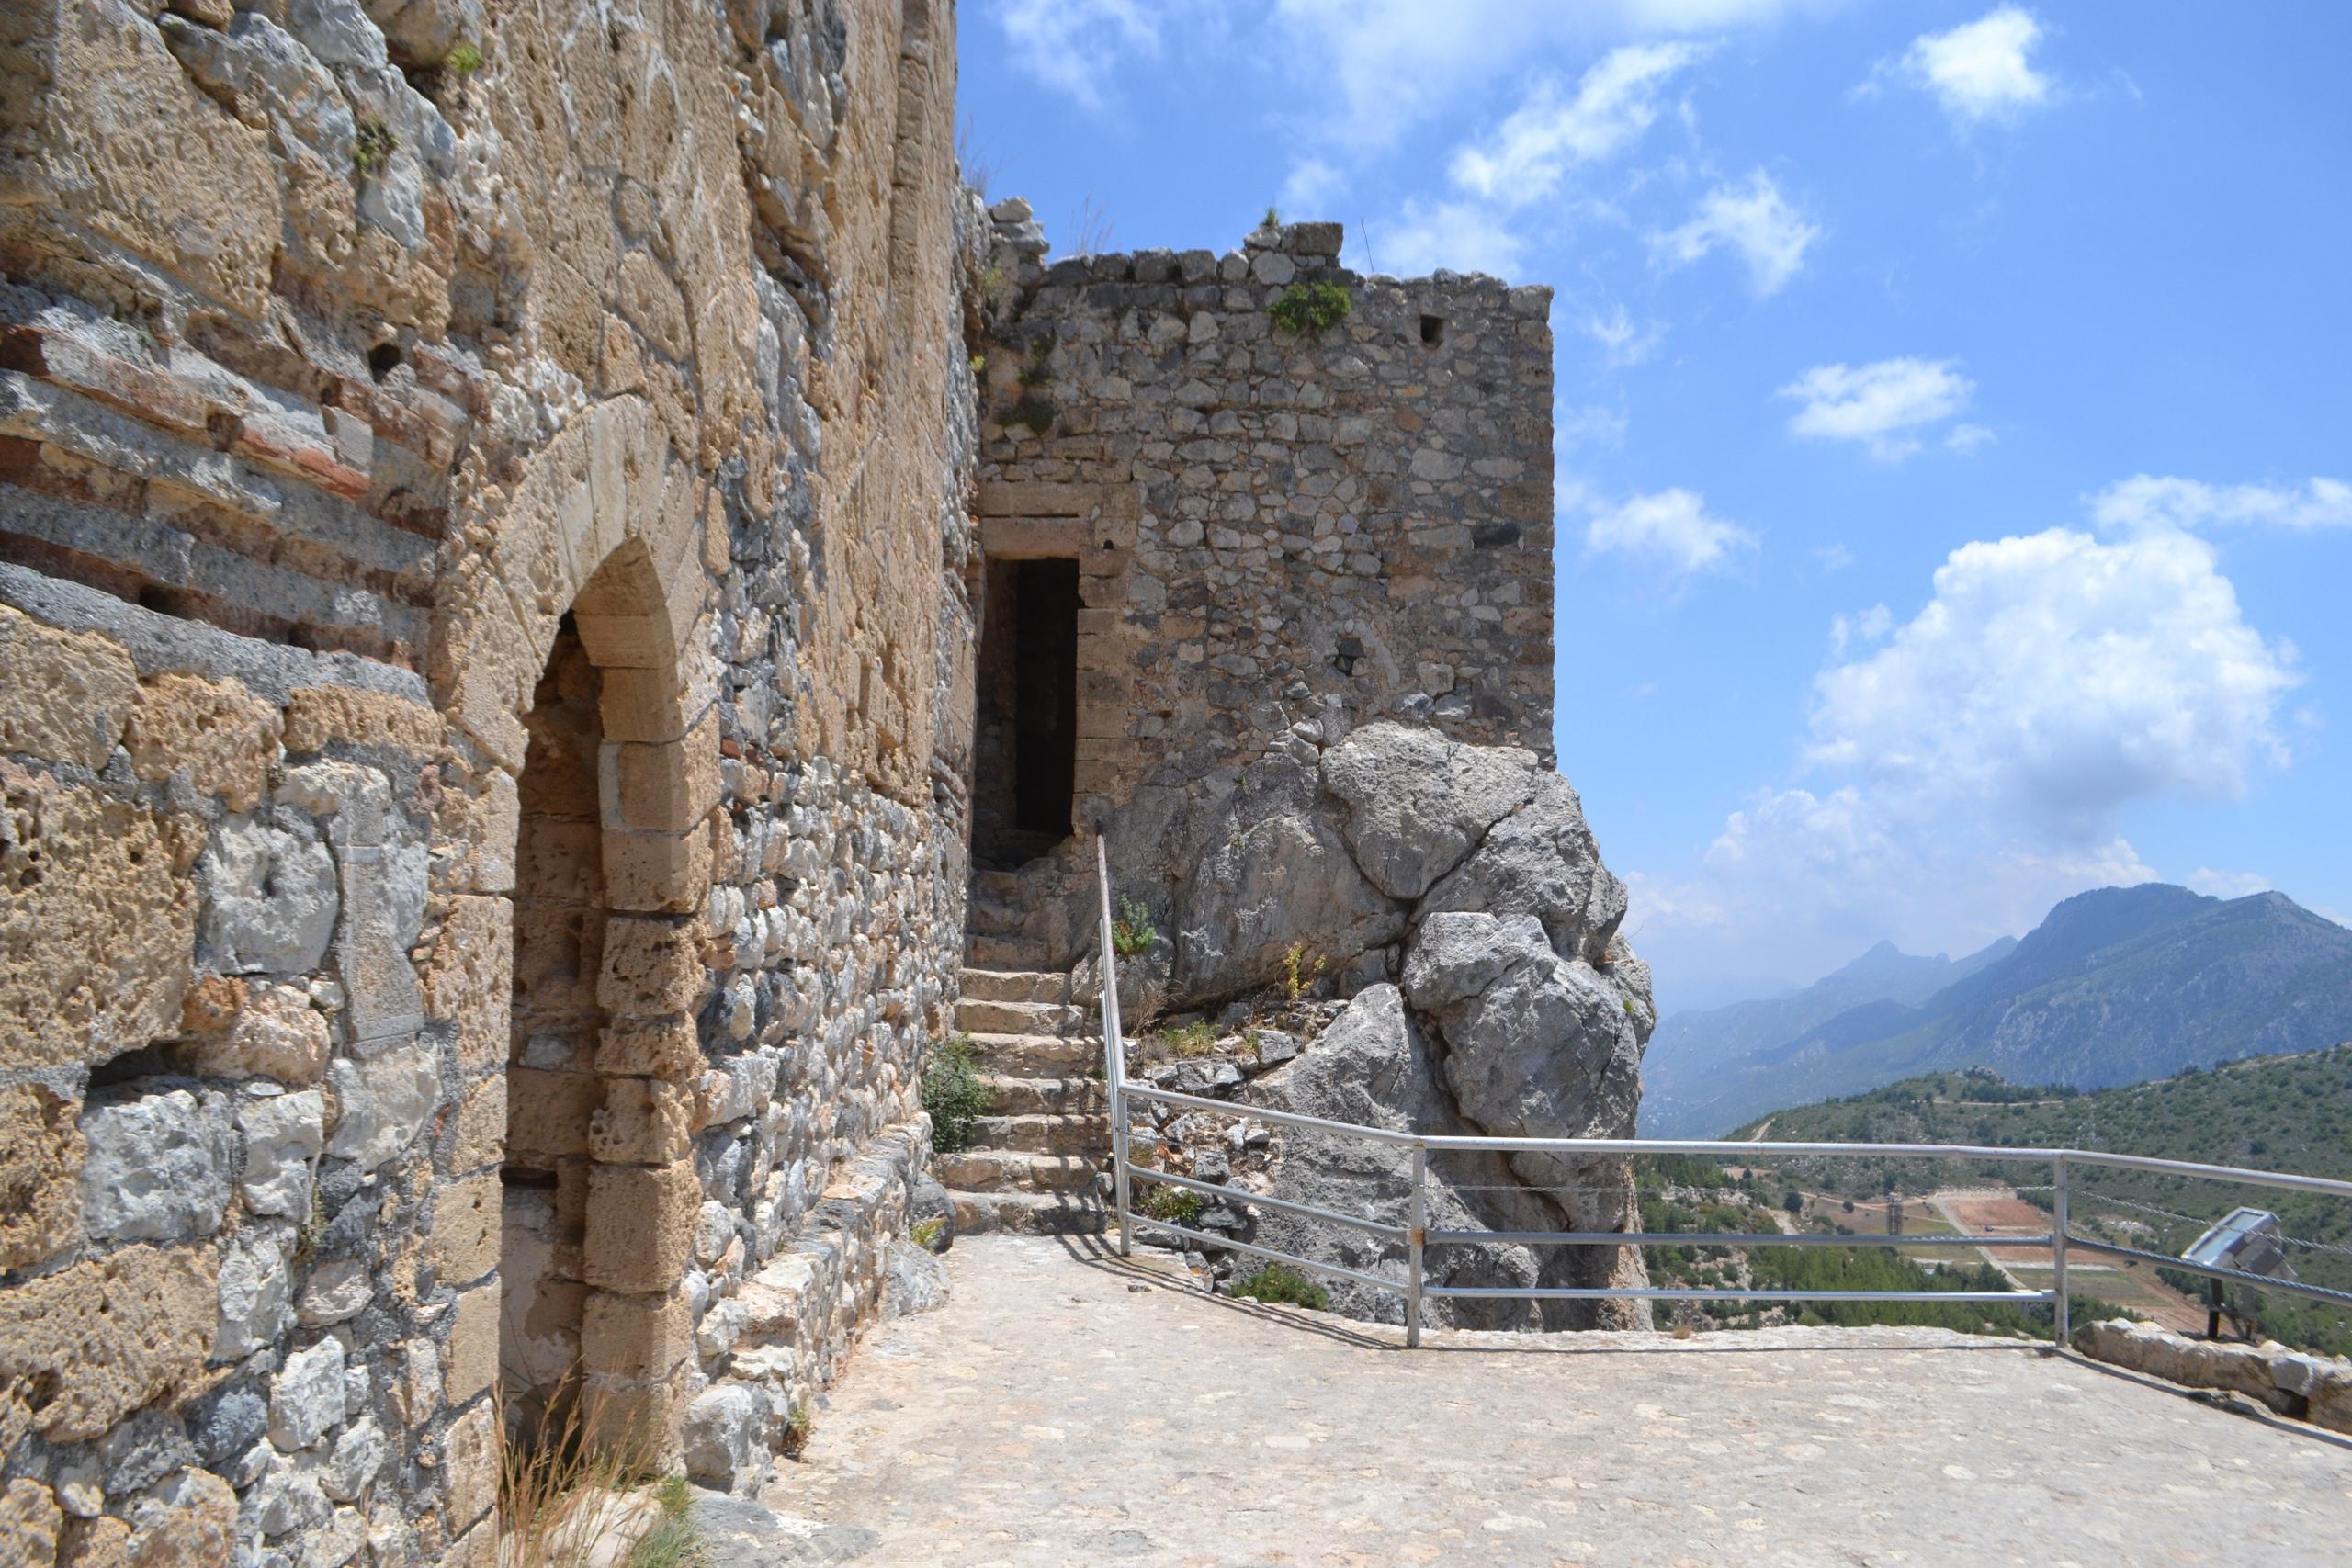 Северный Кипр. Замок Святого Иллариона. (фото). AvsOaF5qY38